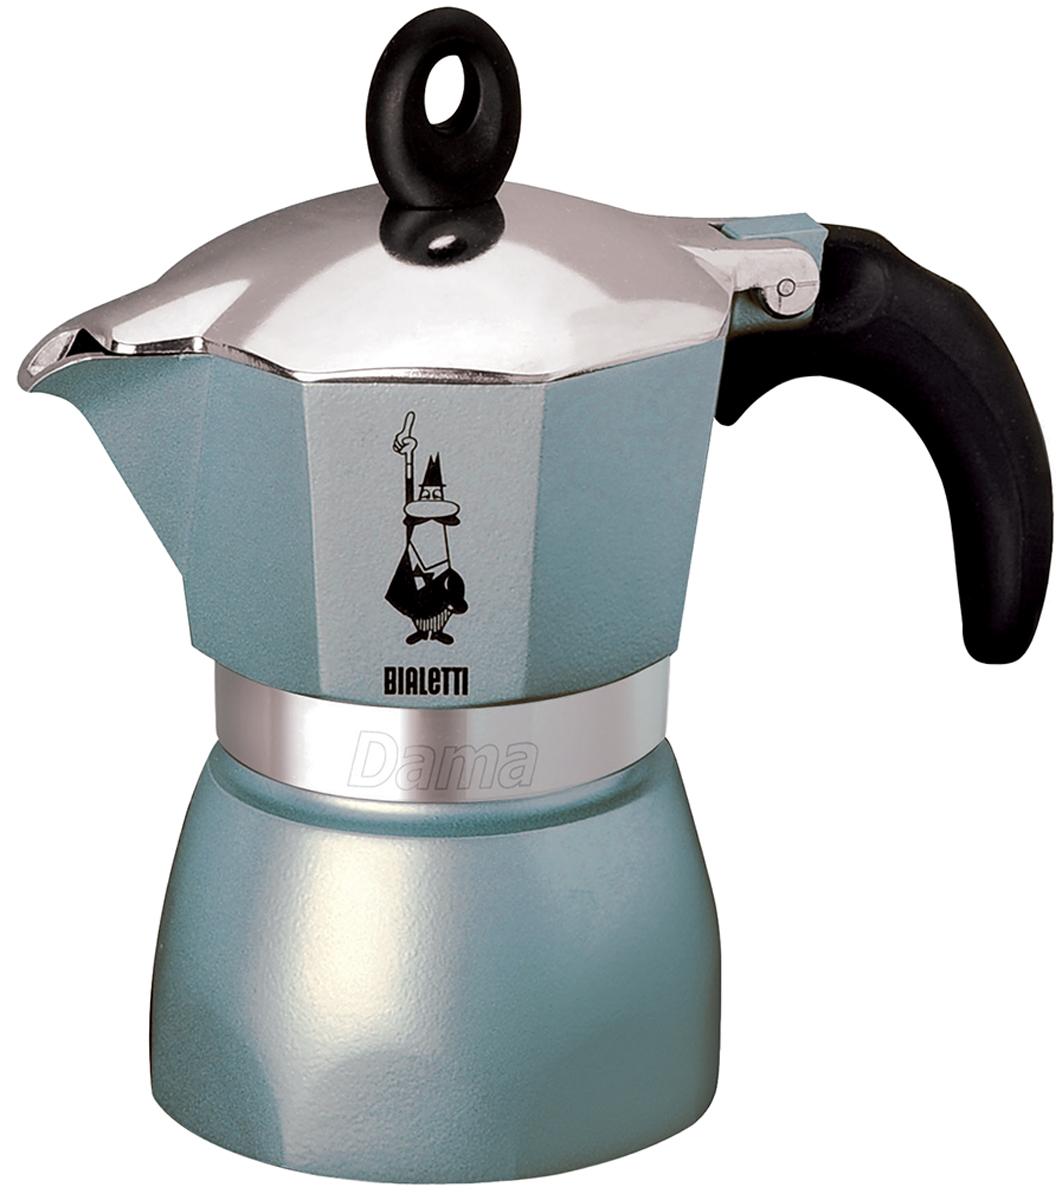 Кофеварка гейзерная Bialetti Dama Glamour, цвет: голубой, 3 порции54 009312Гейзерная кофеварка Bialetti Dama Glamour с современным ярким дизайном создана для тех, кто любит творческие кофе-брейки с интригующим и манящим ароматом. Изделие выполнено из алюминия, снабжено удобной ненагревающейся ручкой с прорезиненным покрытием. В гейзерной кофеварке кофе готовится за счет давления пара. Изделие имеет две емкости: верхнюю - для готового кофе, и нижнюю - для воды. На нижнюю емкость установлен фильтр в форме воронки. При нагревании часть воды в нижней емкости превращается в пар. Со временем его давление растет, и постепенно пар начинает выдавливать кипящую воду вверх. Вода проталкивается через молотый кофе, и полученный напиток выплескивается в верхнюю емкость. Когда вся жидкость из нижней емкости переместится в верхнюю, кофе готов. По принципу действия кофеварка напоминает гейзер, от чего и получила свое название. Предназначена для приготовления кофе на электрических и газовых плитах, а также других нагревающих поверхностях, кроме индукционных плит. Не рекомендуется мыть в посудомоечной машине. Высота (без учета крышки): 12,5 см. Диаметр (по верхнему краю): 9 см.